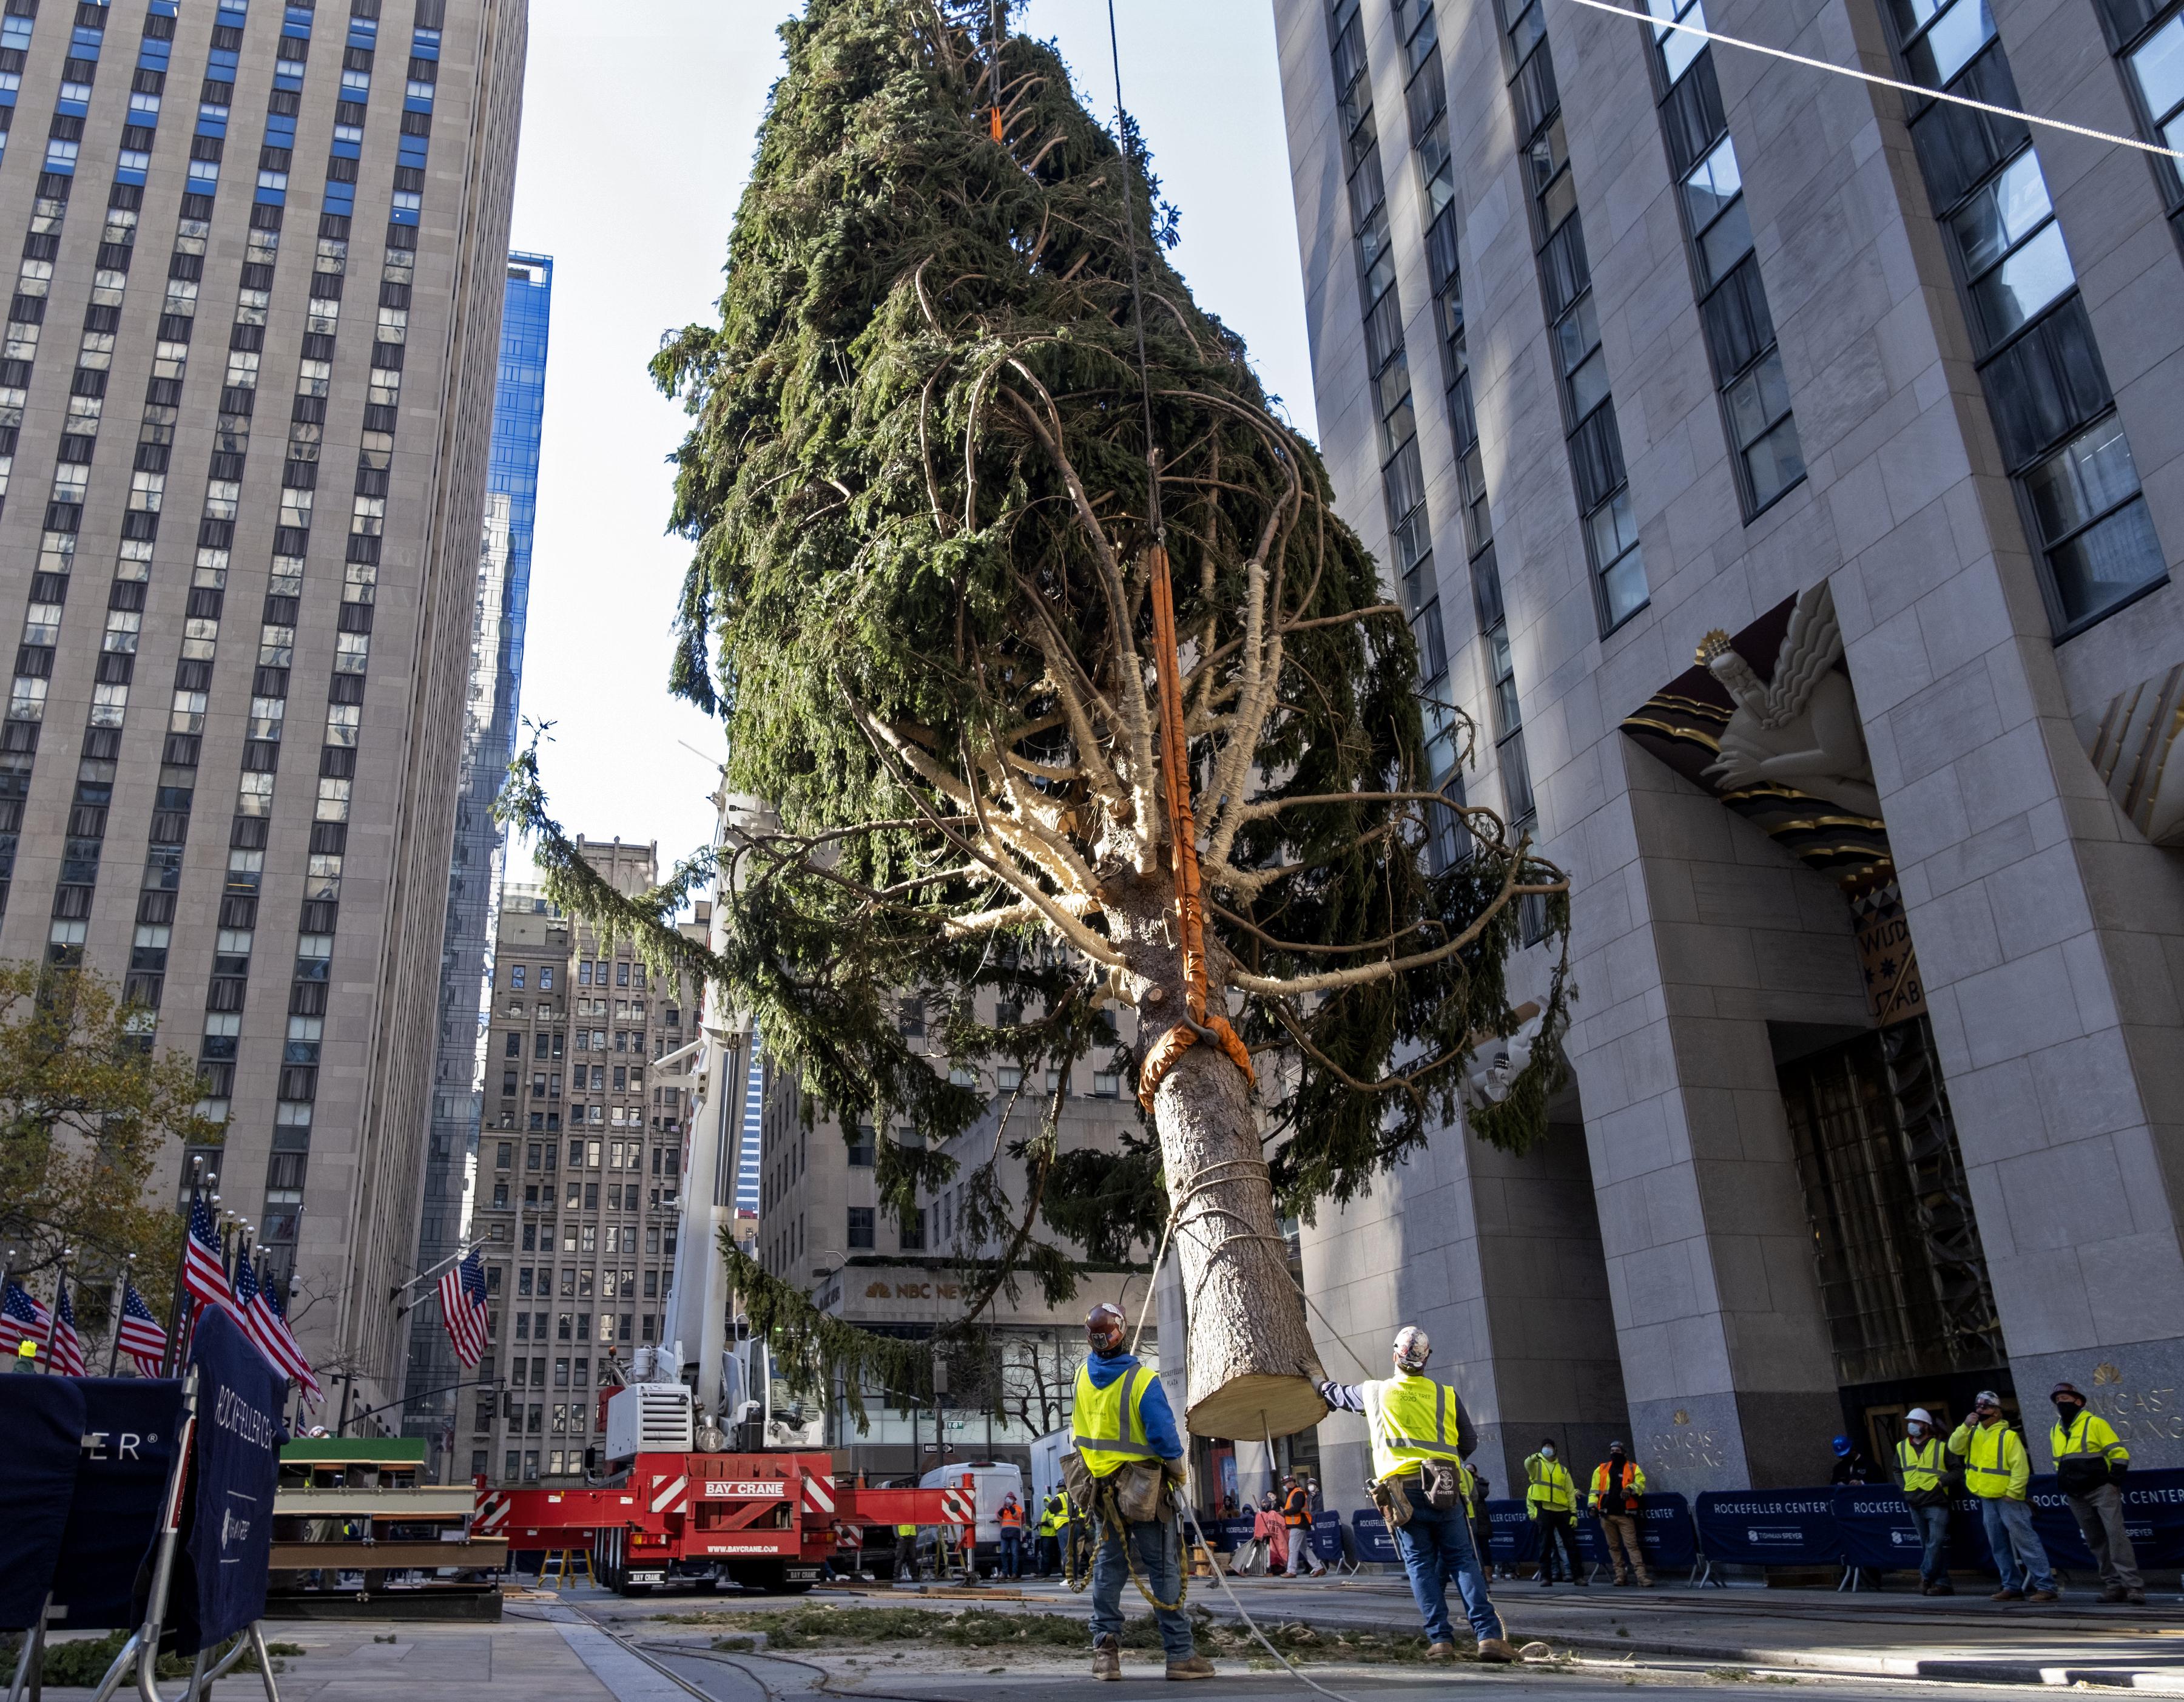 Rockefeller Christmas Tree 2021 Broadcast Rockefeller Center Christmas Tree Turns On With Virus Rules Kark